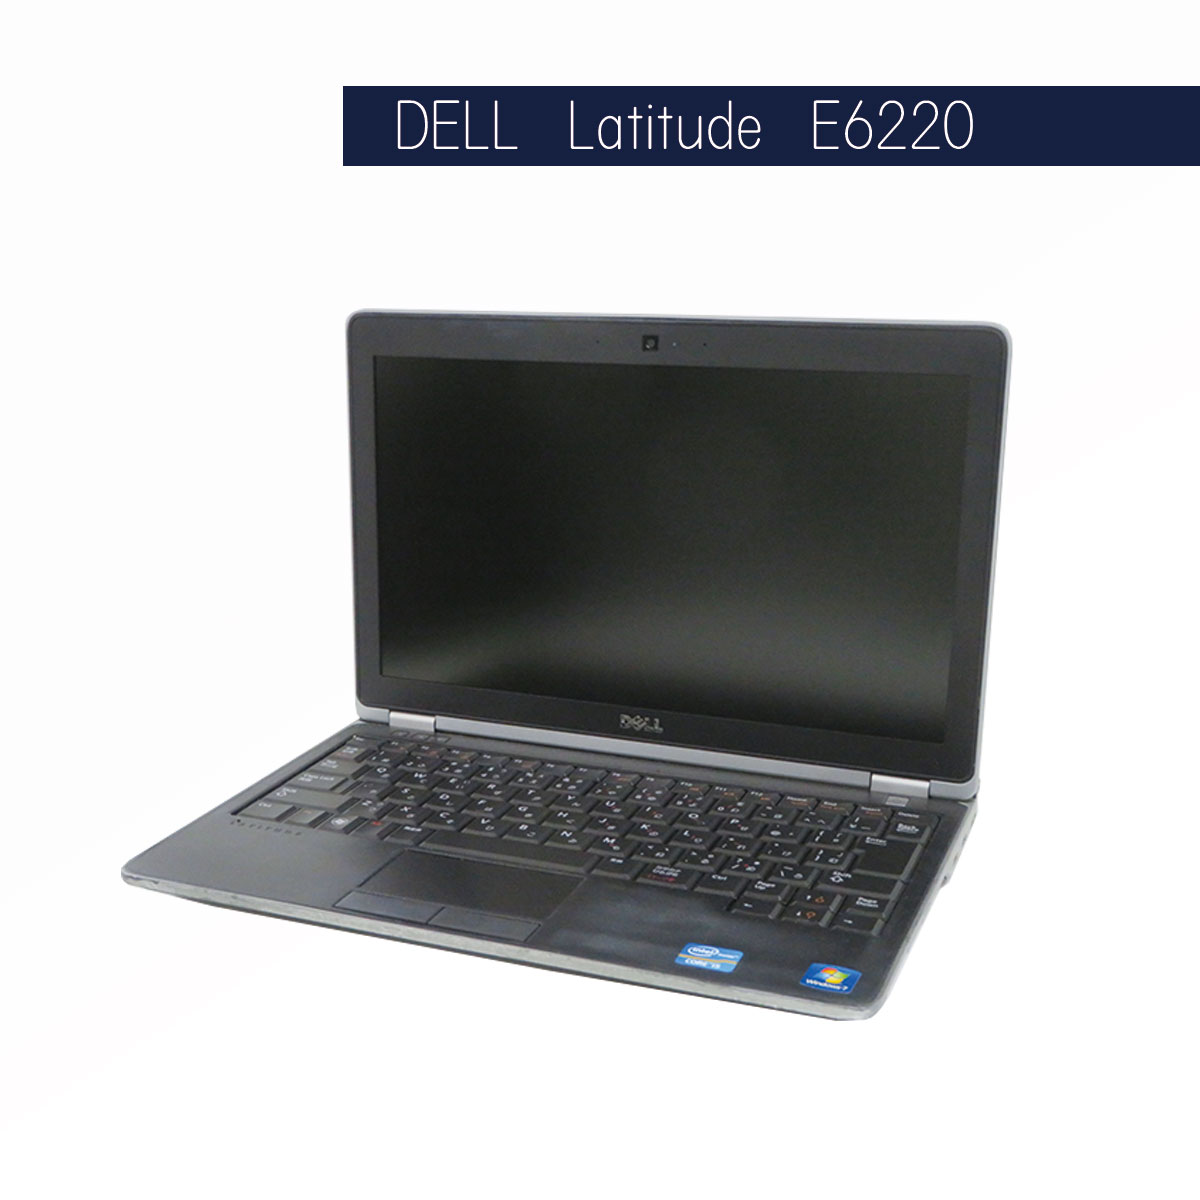 DELL Latitude E6220 Core i5 8GB 320GB (Win7Pro 32bit)